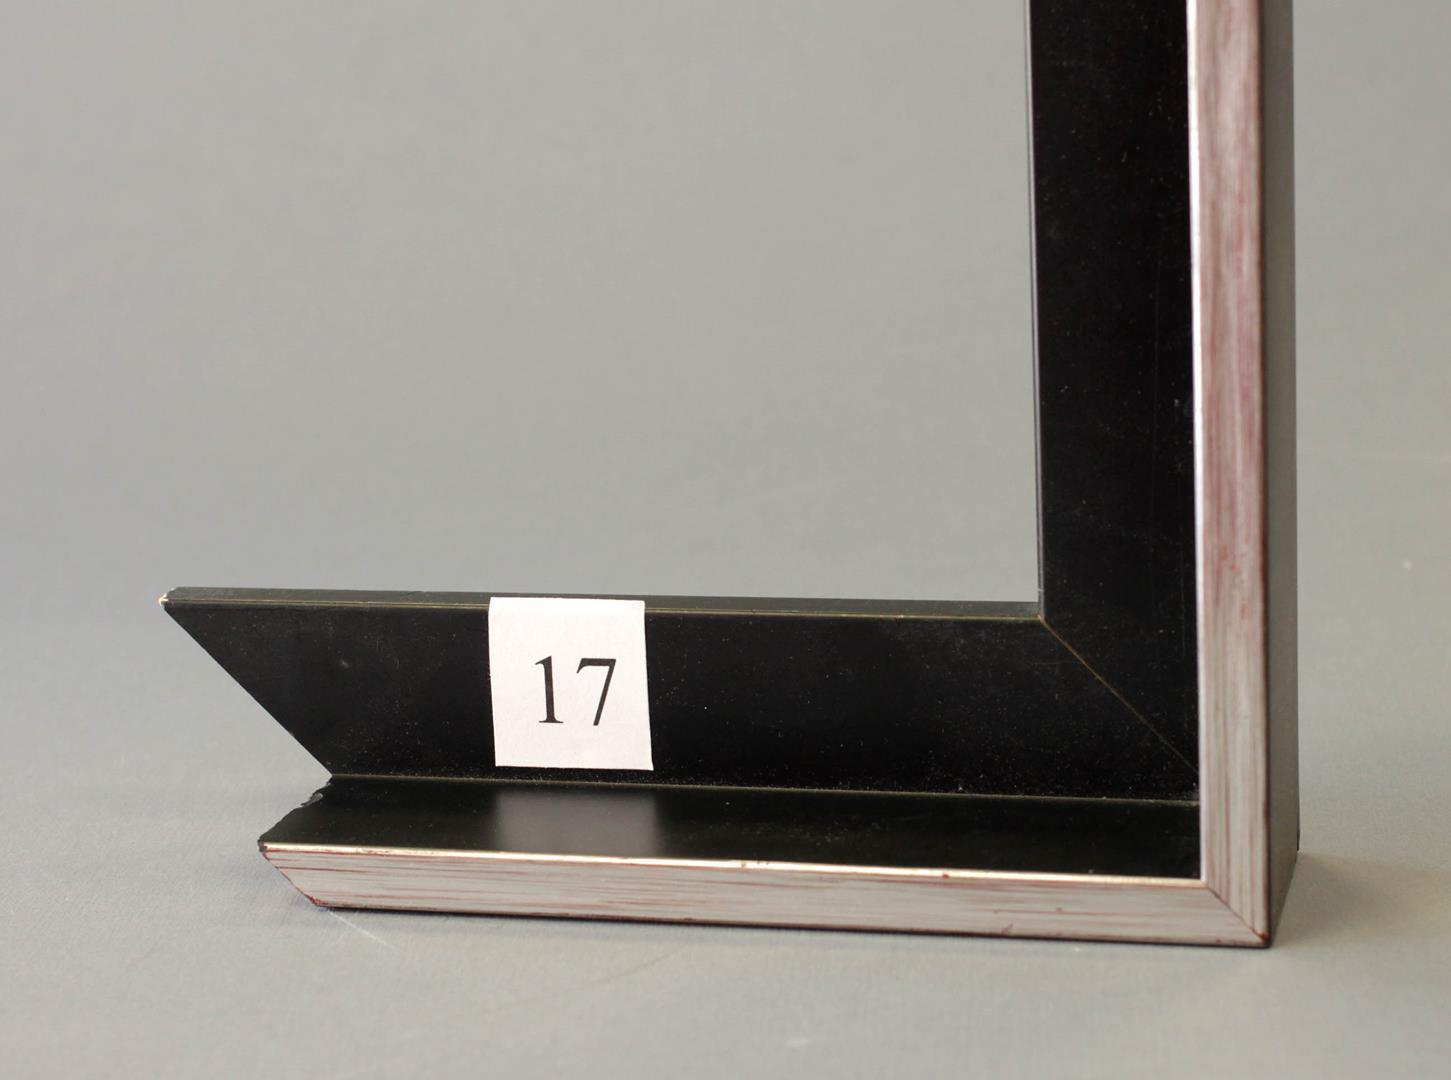 Nowe 17